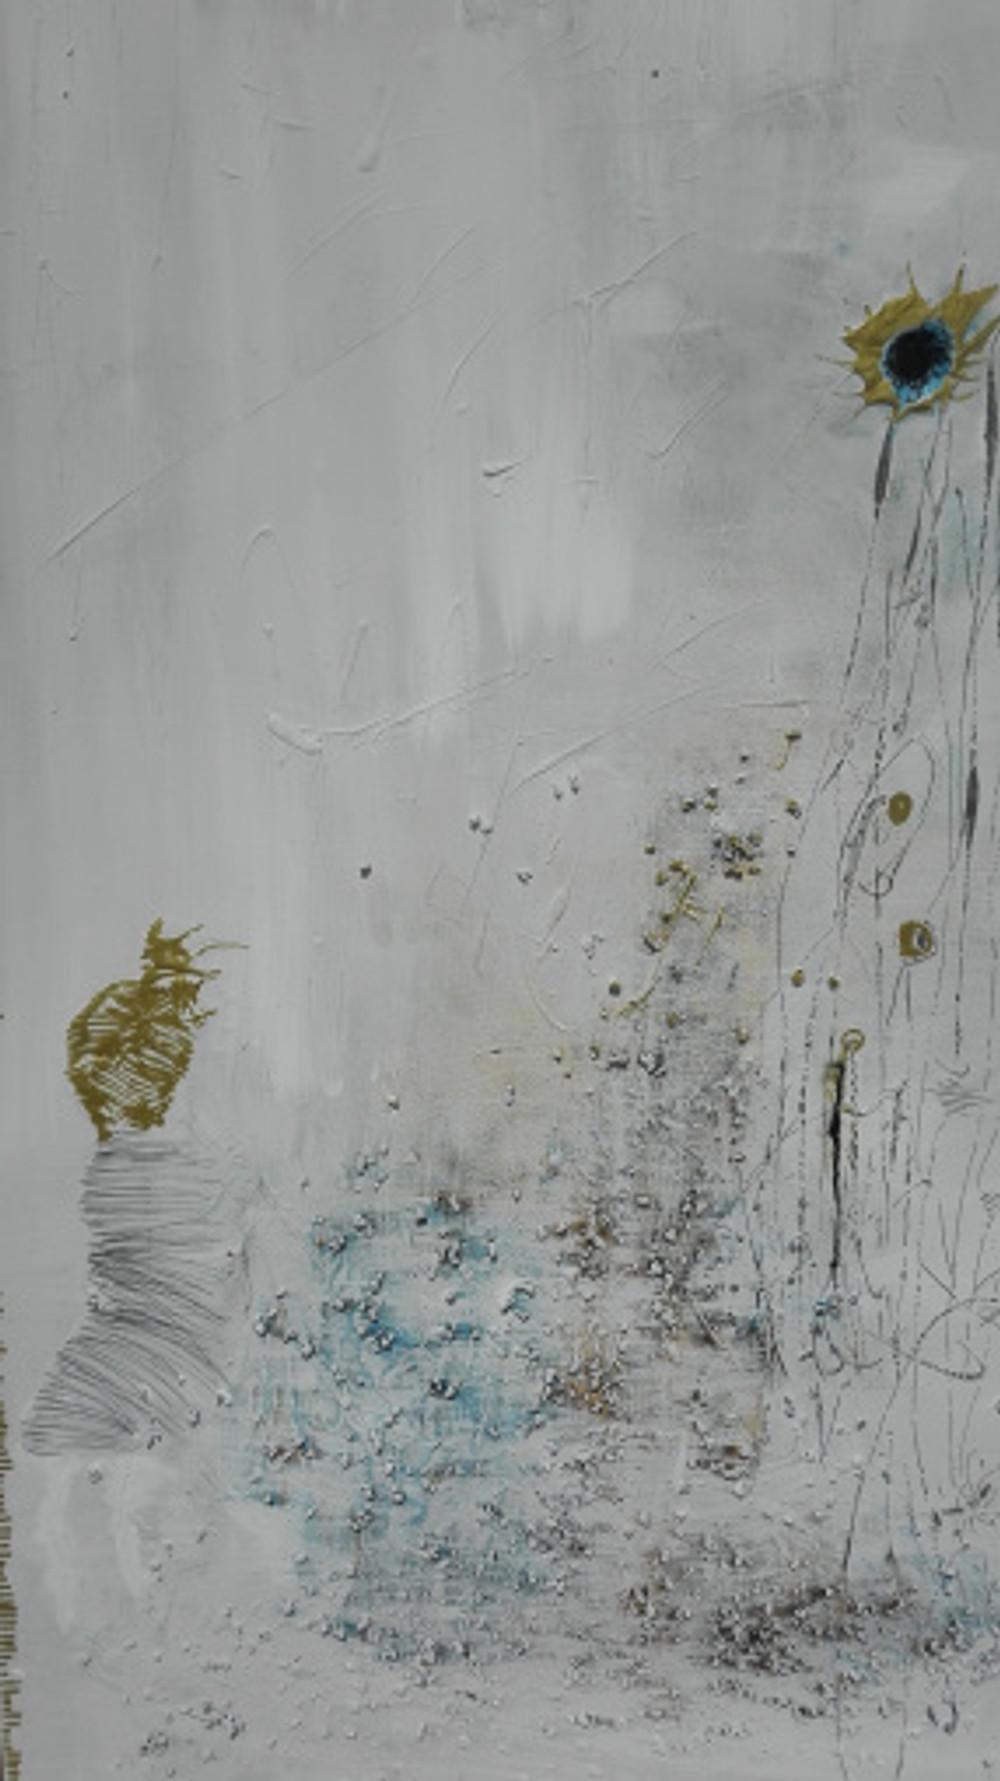 Άτιτλο, Μεικτή τεχνική, 2016